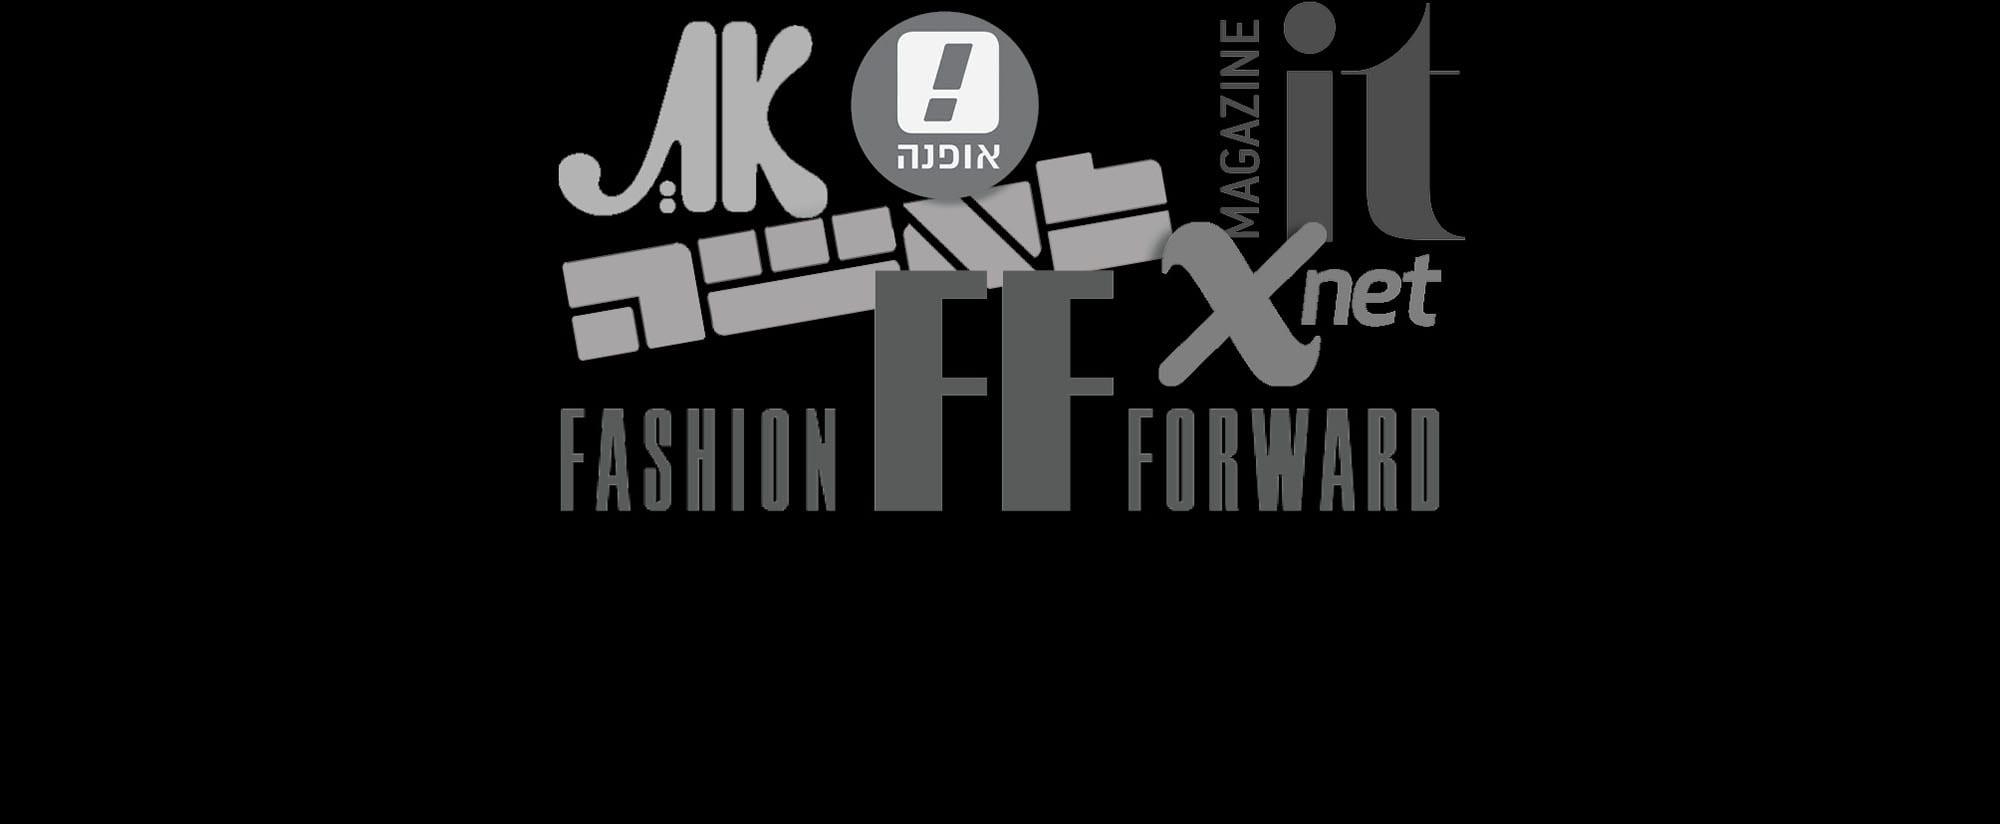 cover fashion israel news